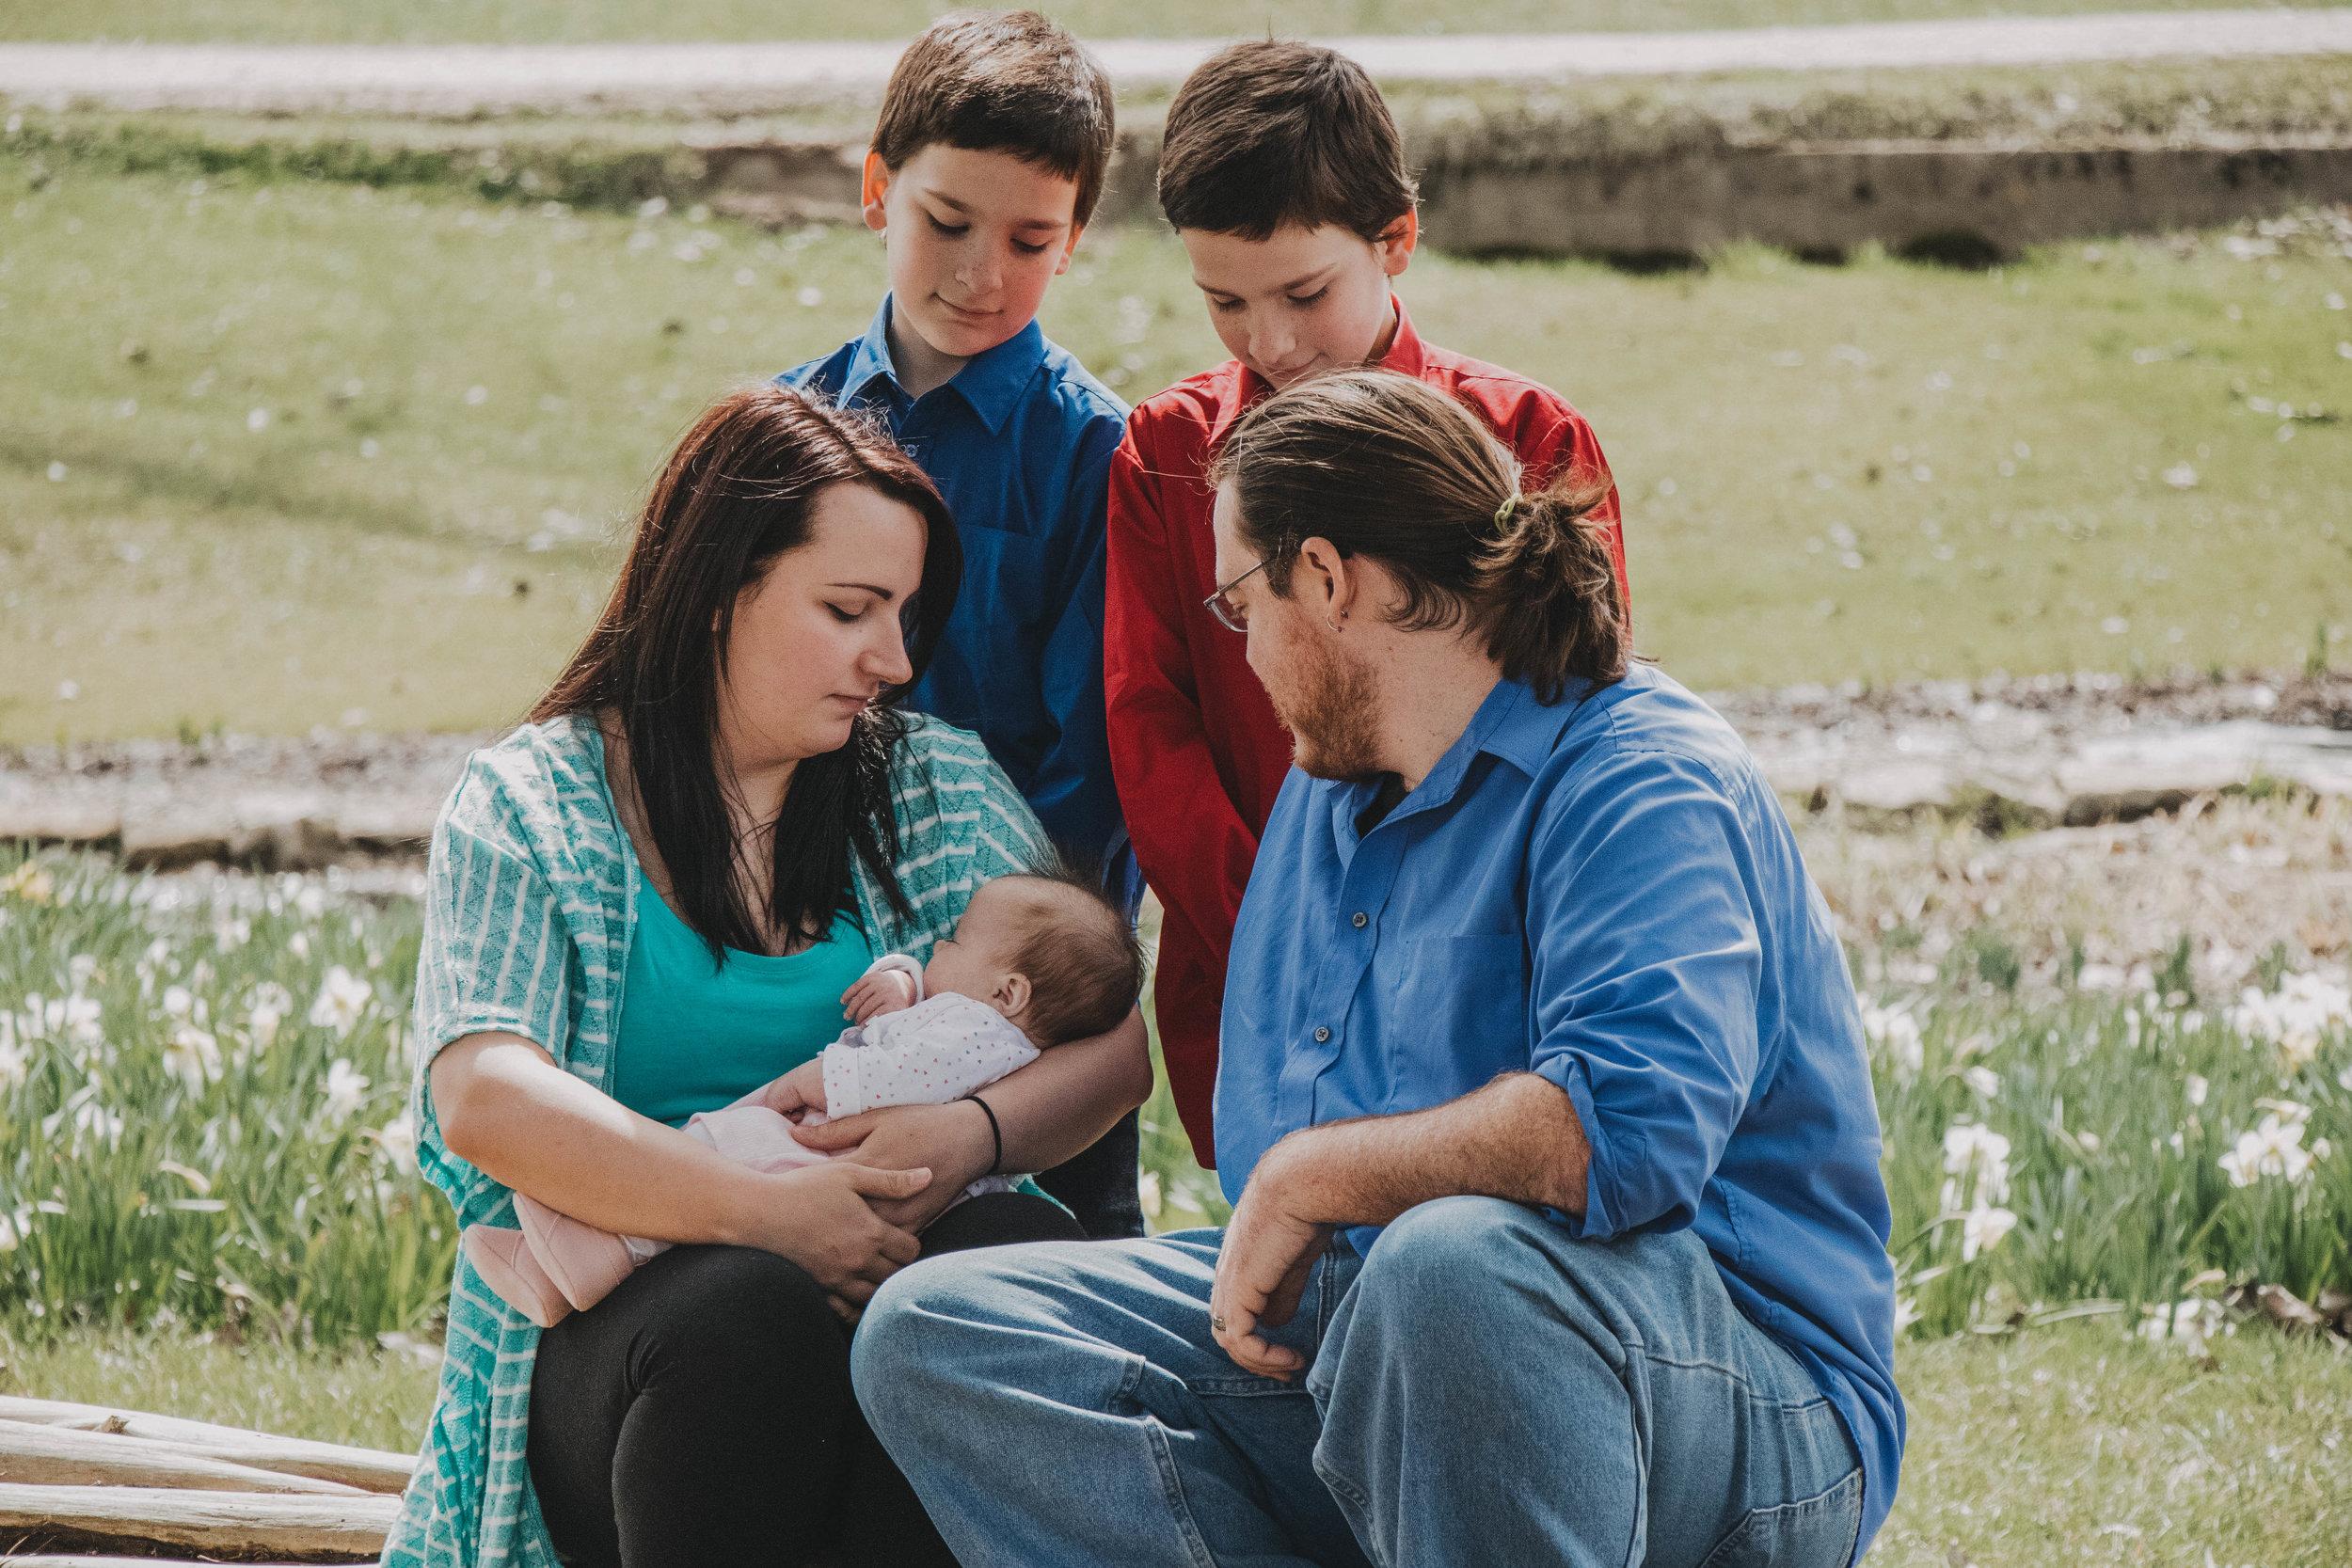 Cox Arboretum Family Portraits | Miamisburg, Ohio Photographer